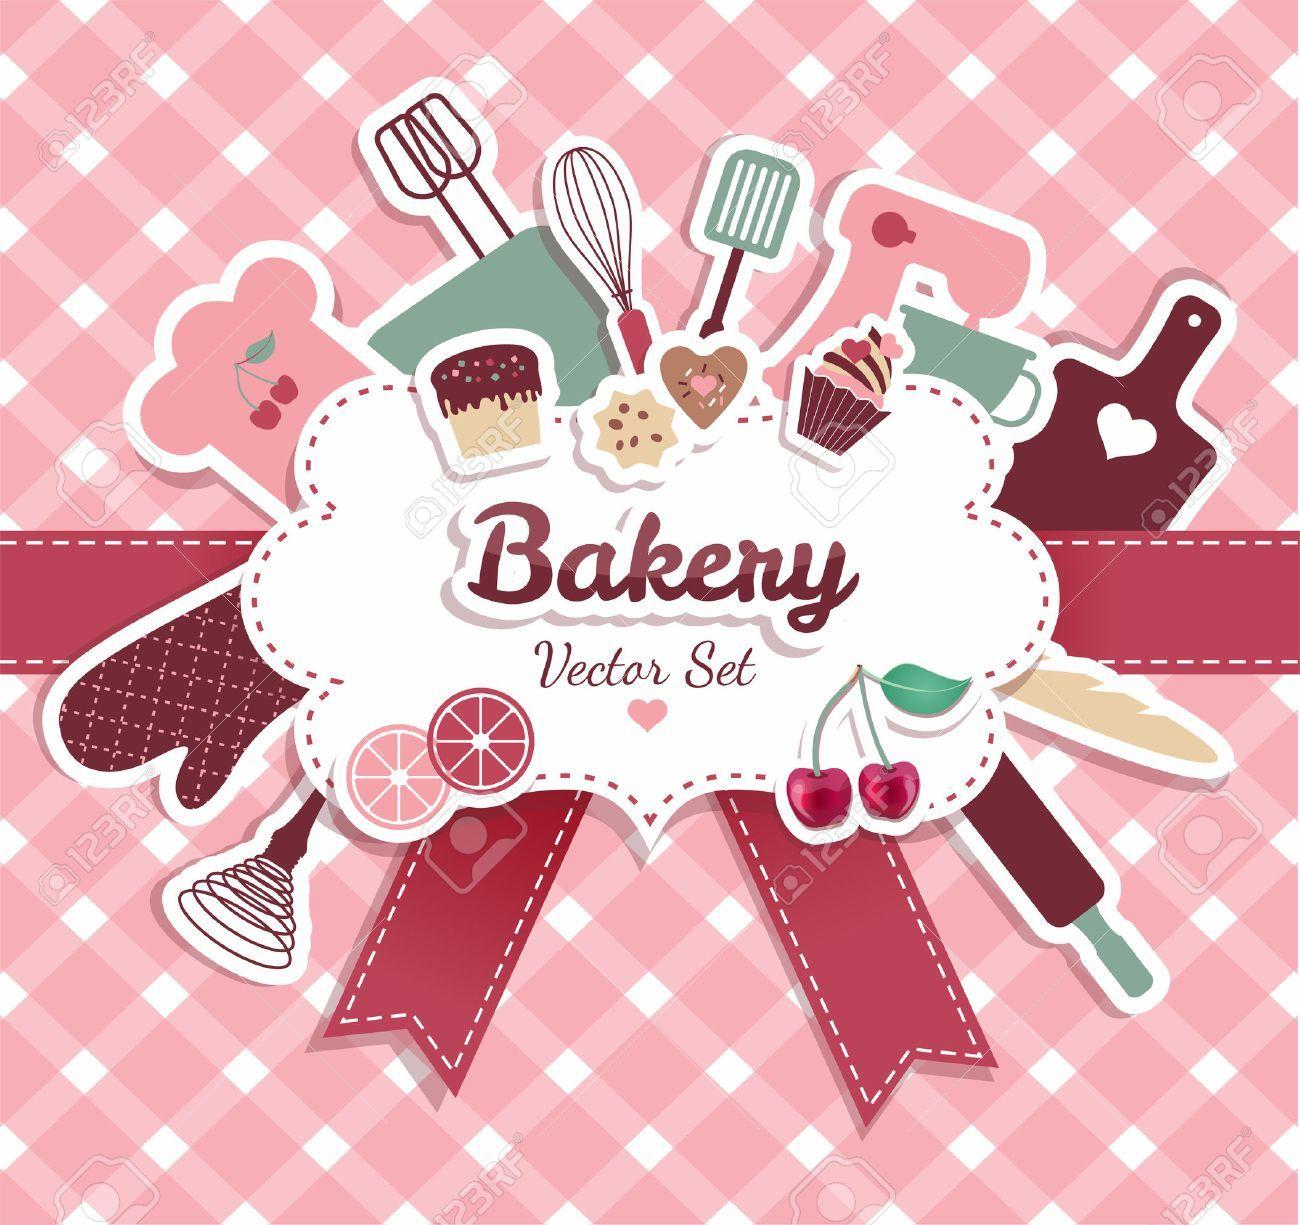 Épinglé par MakiChan sur Logo Design Art et cuisine